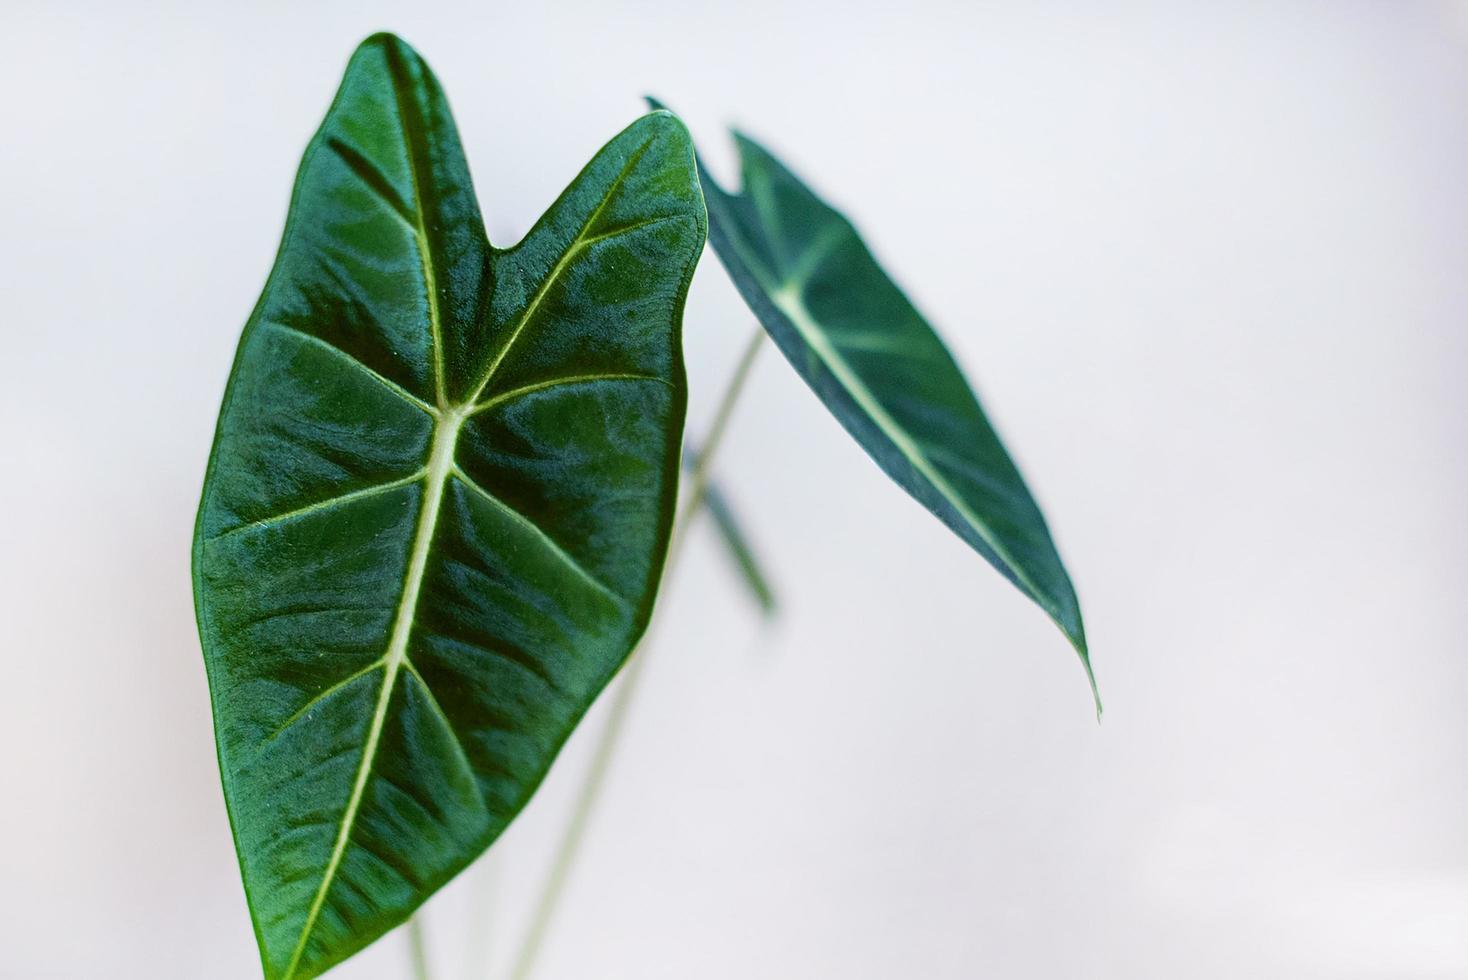 groene kamerplant foto